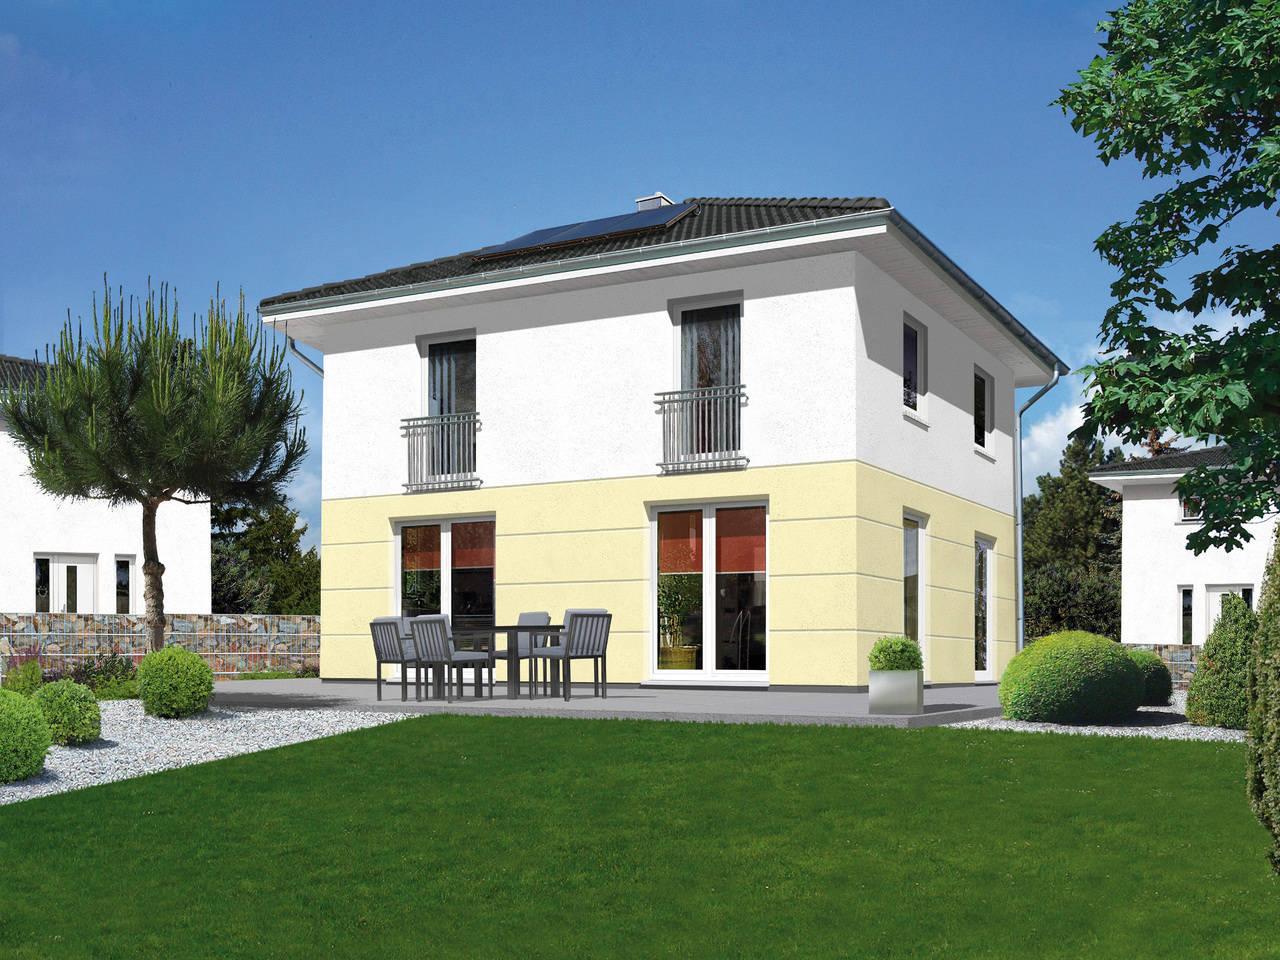 Stadthaus Flair 124 A1 von ZuHause Bau GmbH - Town & Country